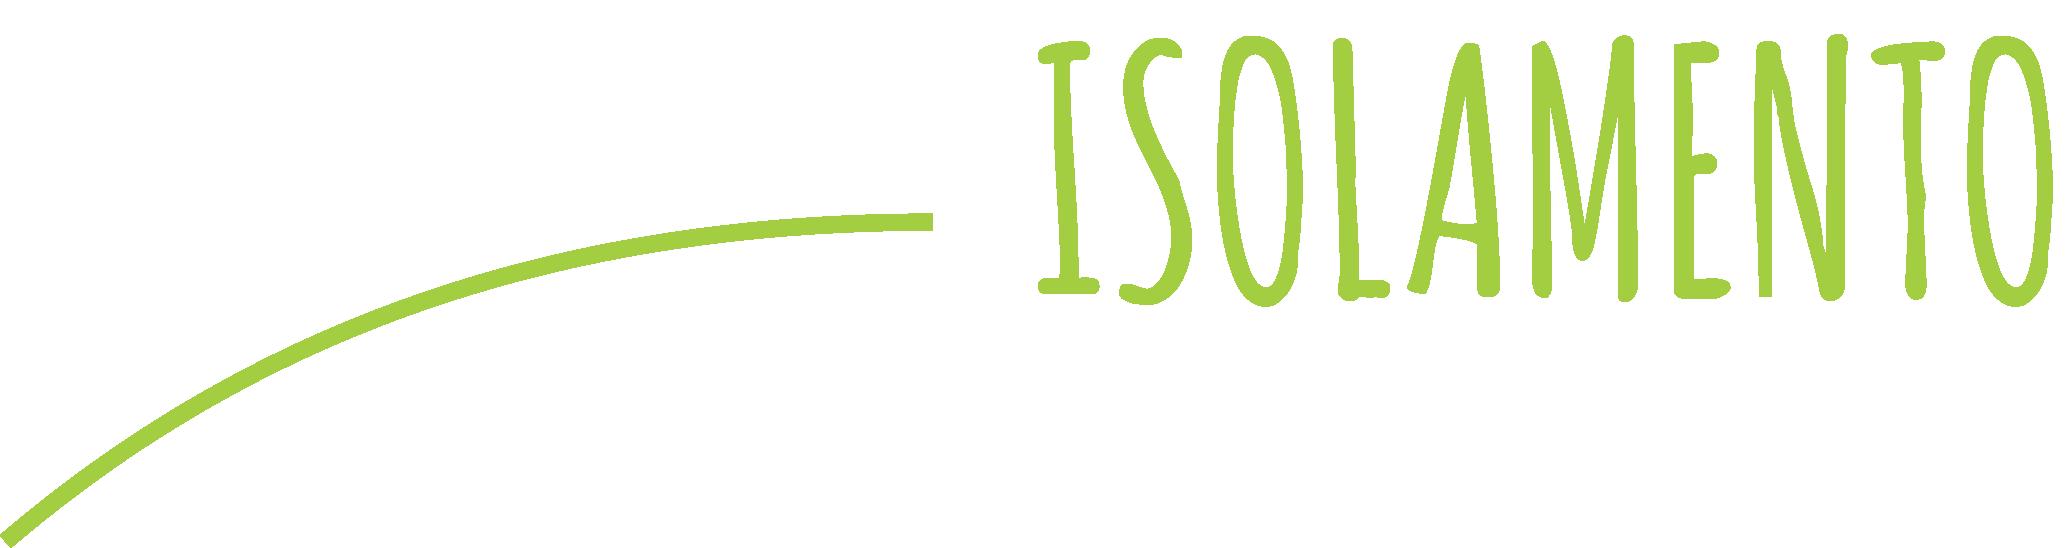 Immagine della scritta isolamento all'interno dello slider Il Guscio